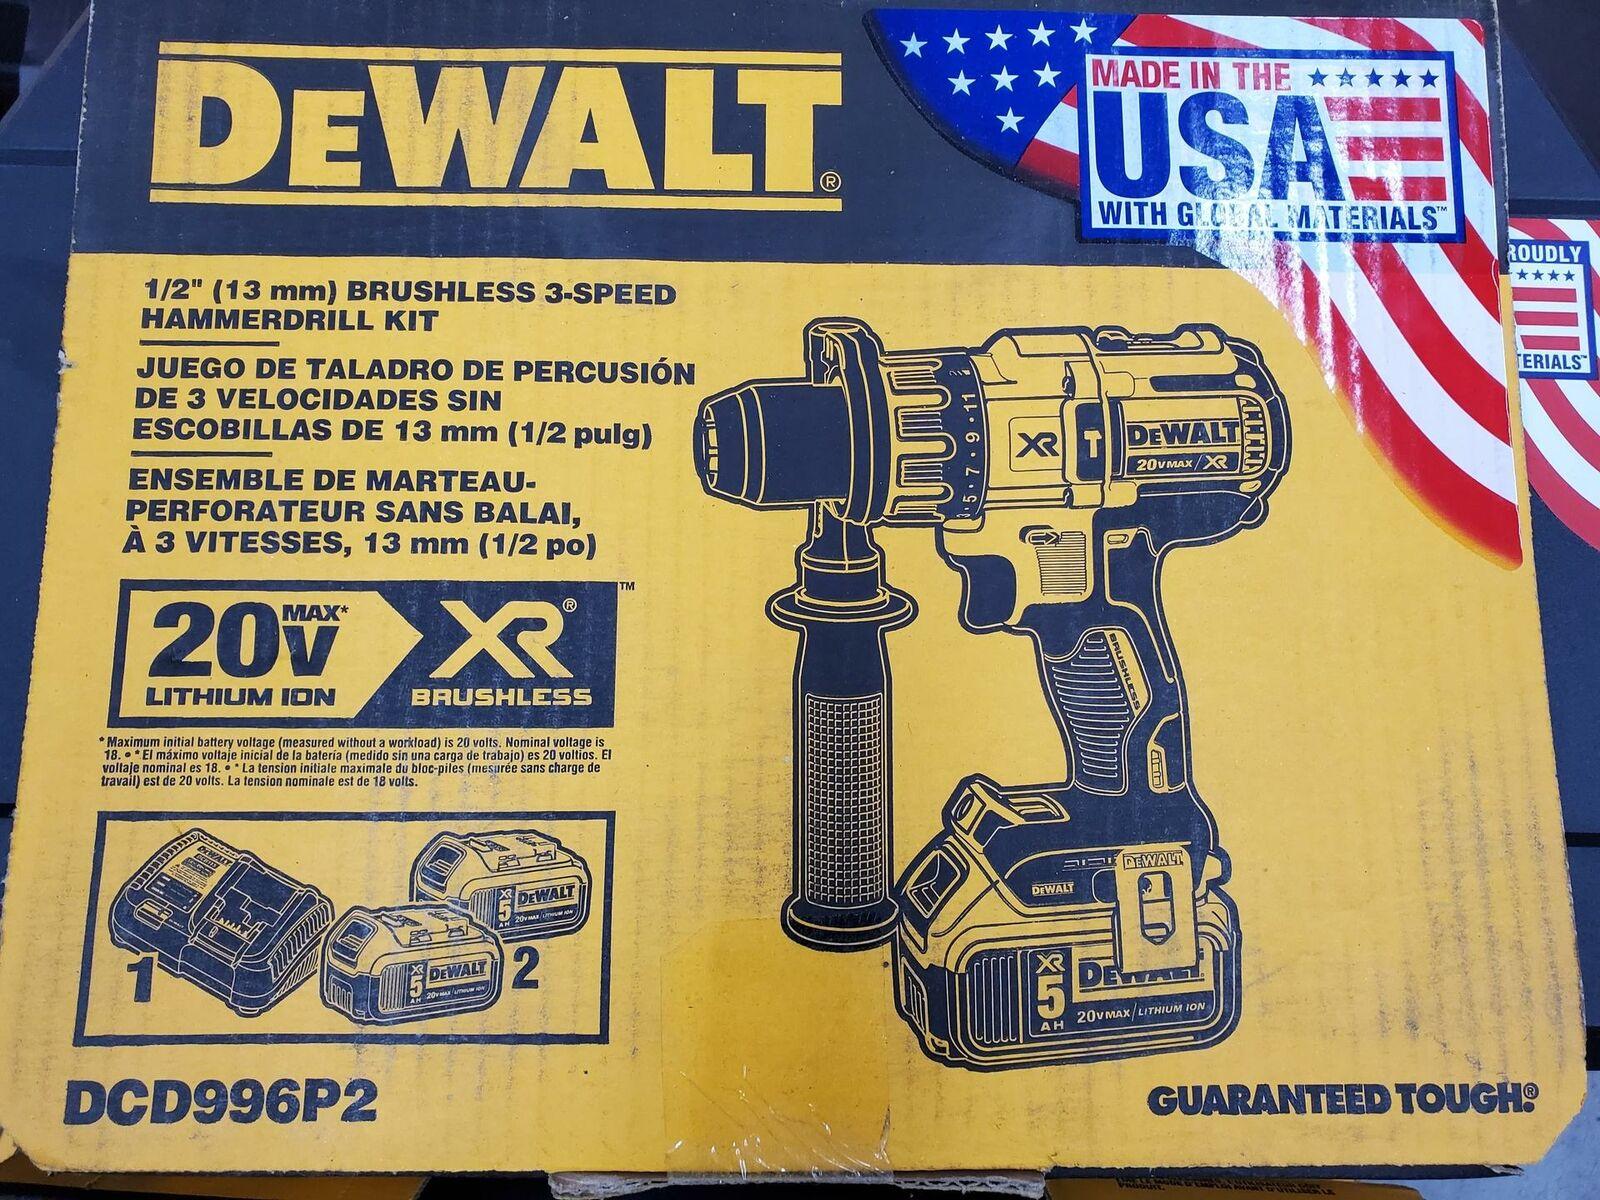 Dewalt DCD996P2 - 20V Max XR LITHIUM ION Brushless3-Speed Hammer Drill Kit. Buy it now for 249.99